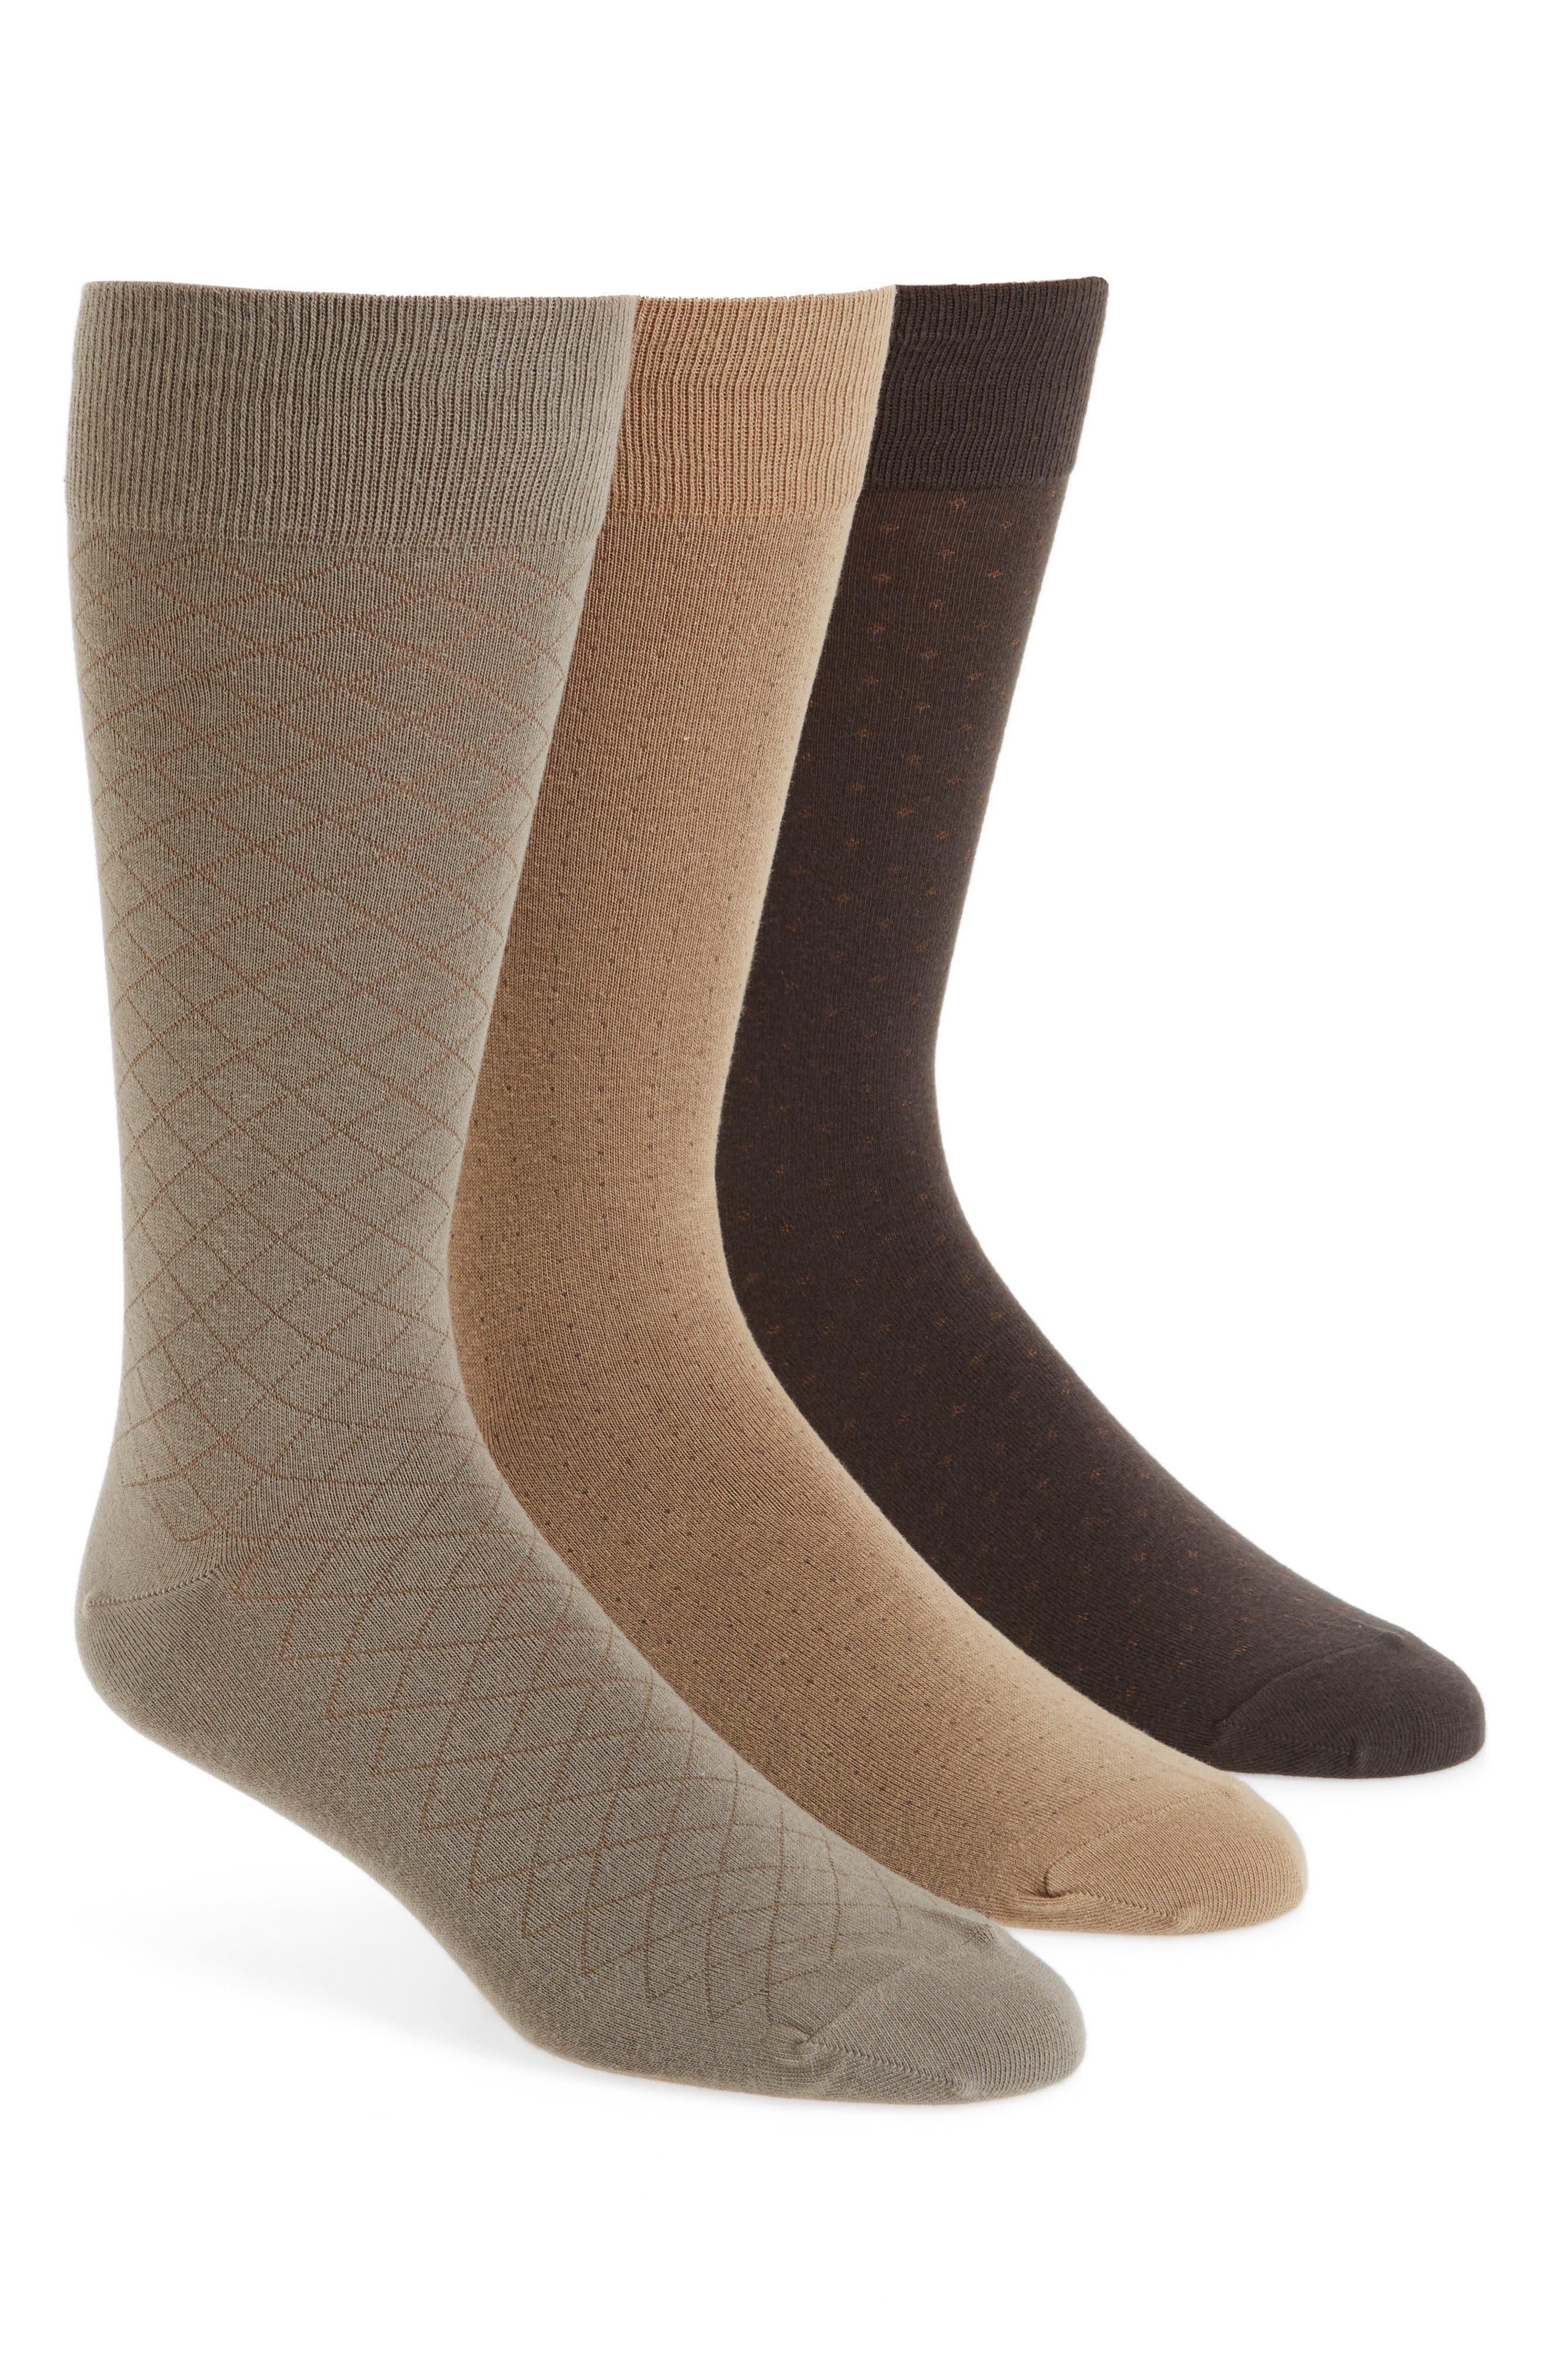 Main Image - Polo Ralph Lauren Dress Socks (3-Pack)